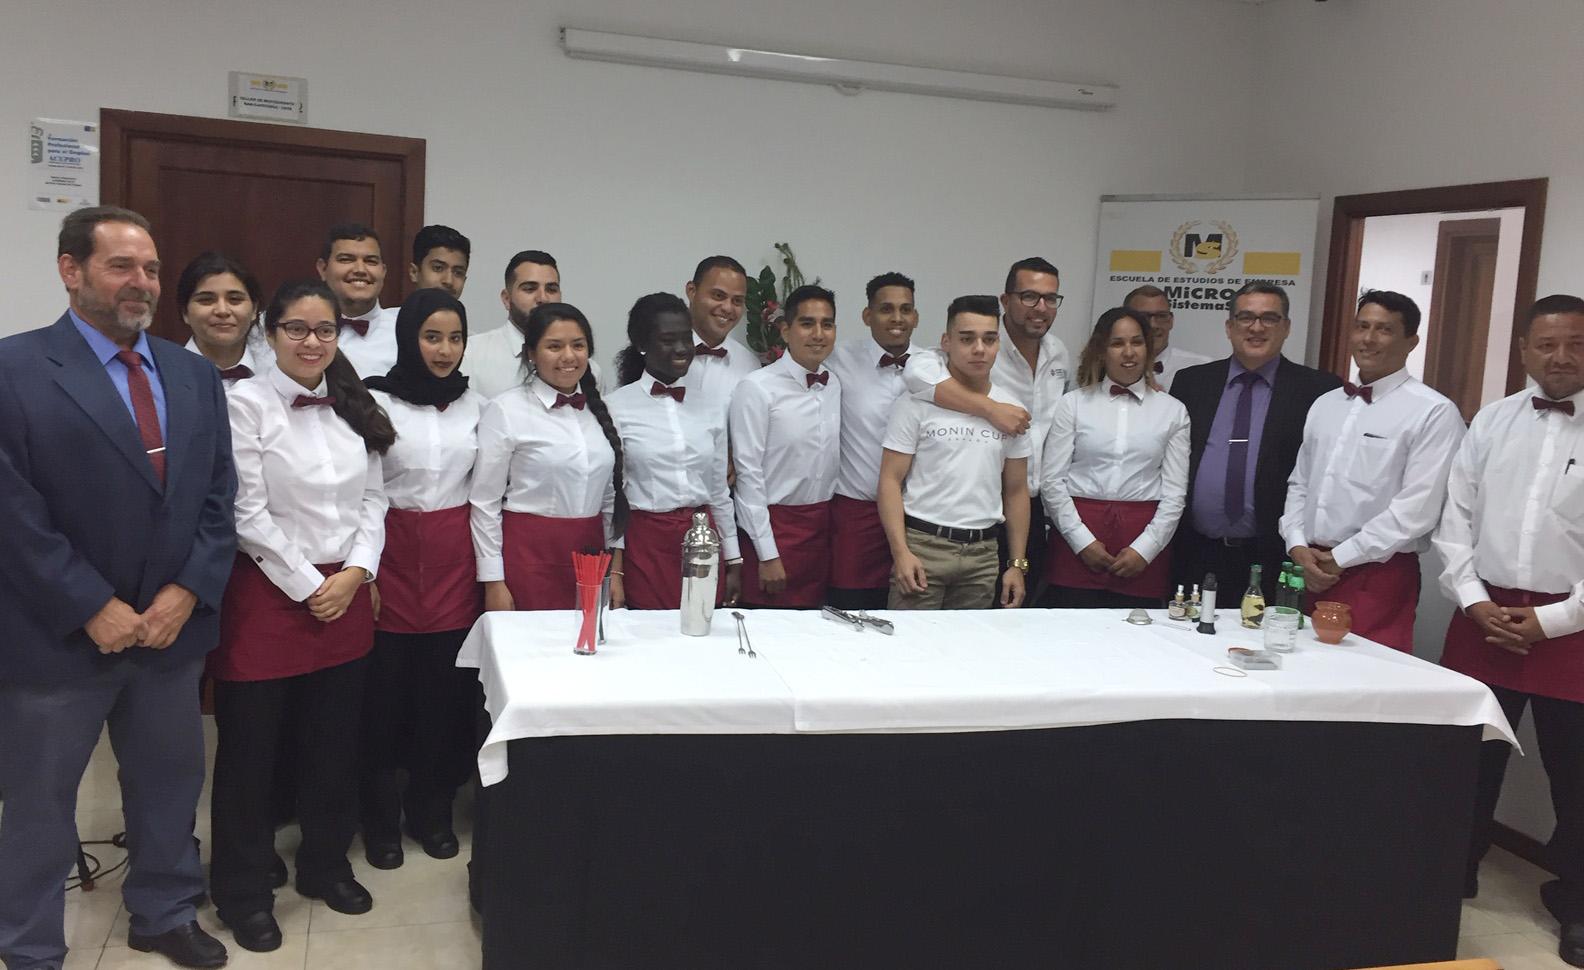 Un Campeón de España de Barmans visita el Centro Integrado de FP MICROSISTEMAS para impartir una masterclass